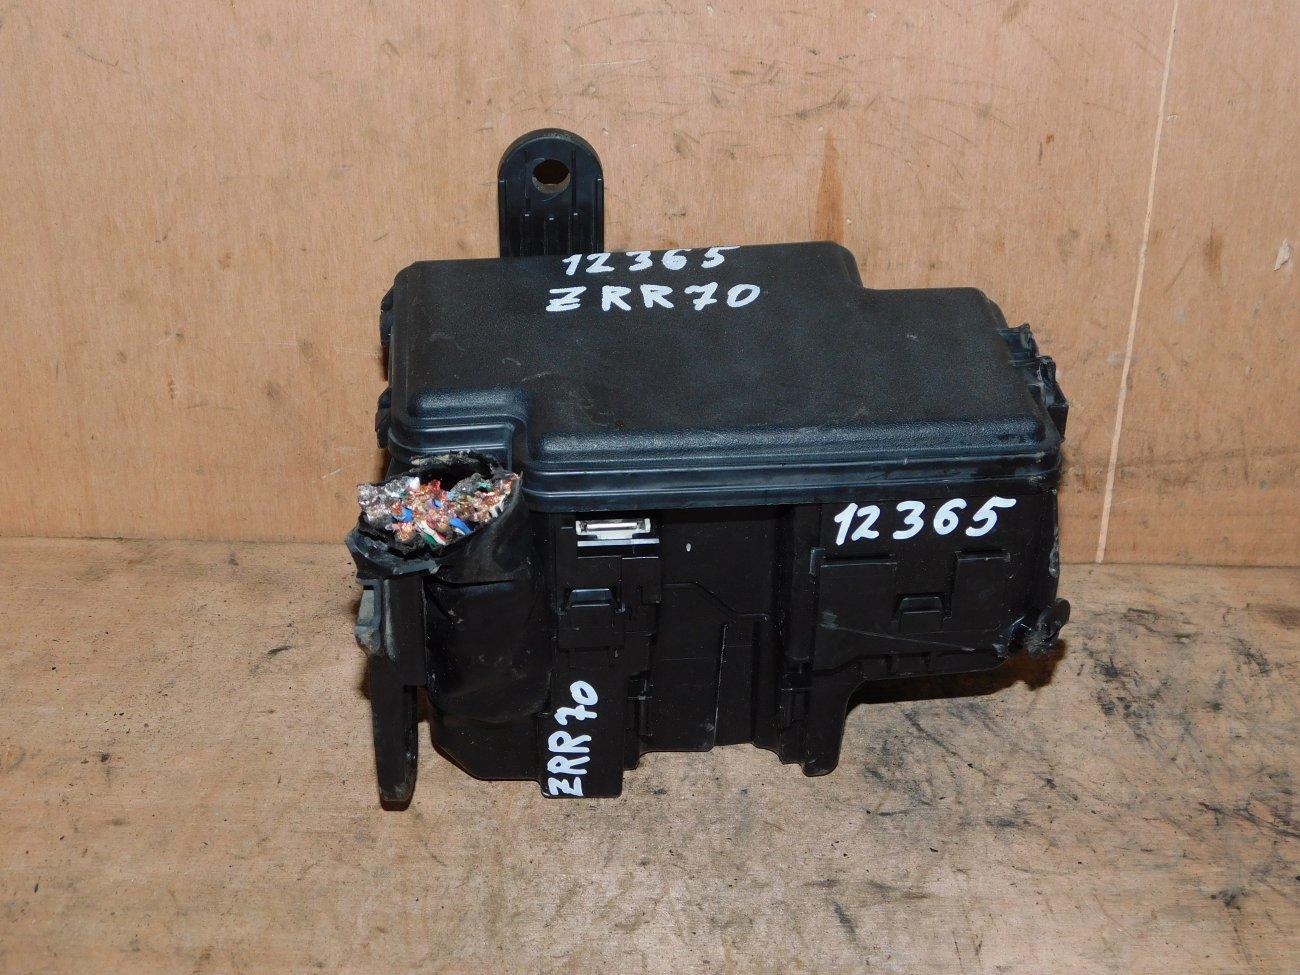 Блок предохранителей под капот Toyota Voxy ZRR70 3ZR-FE (б/у)